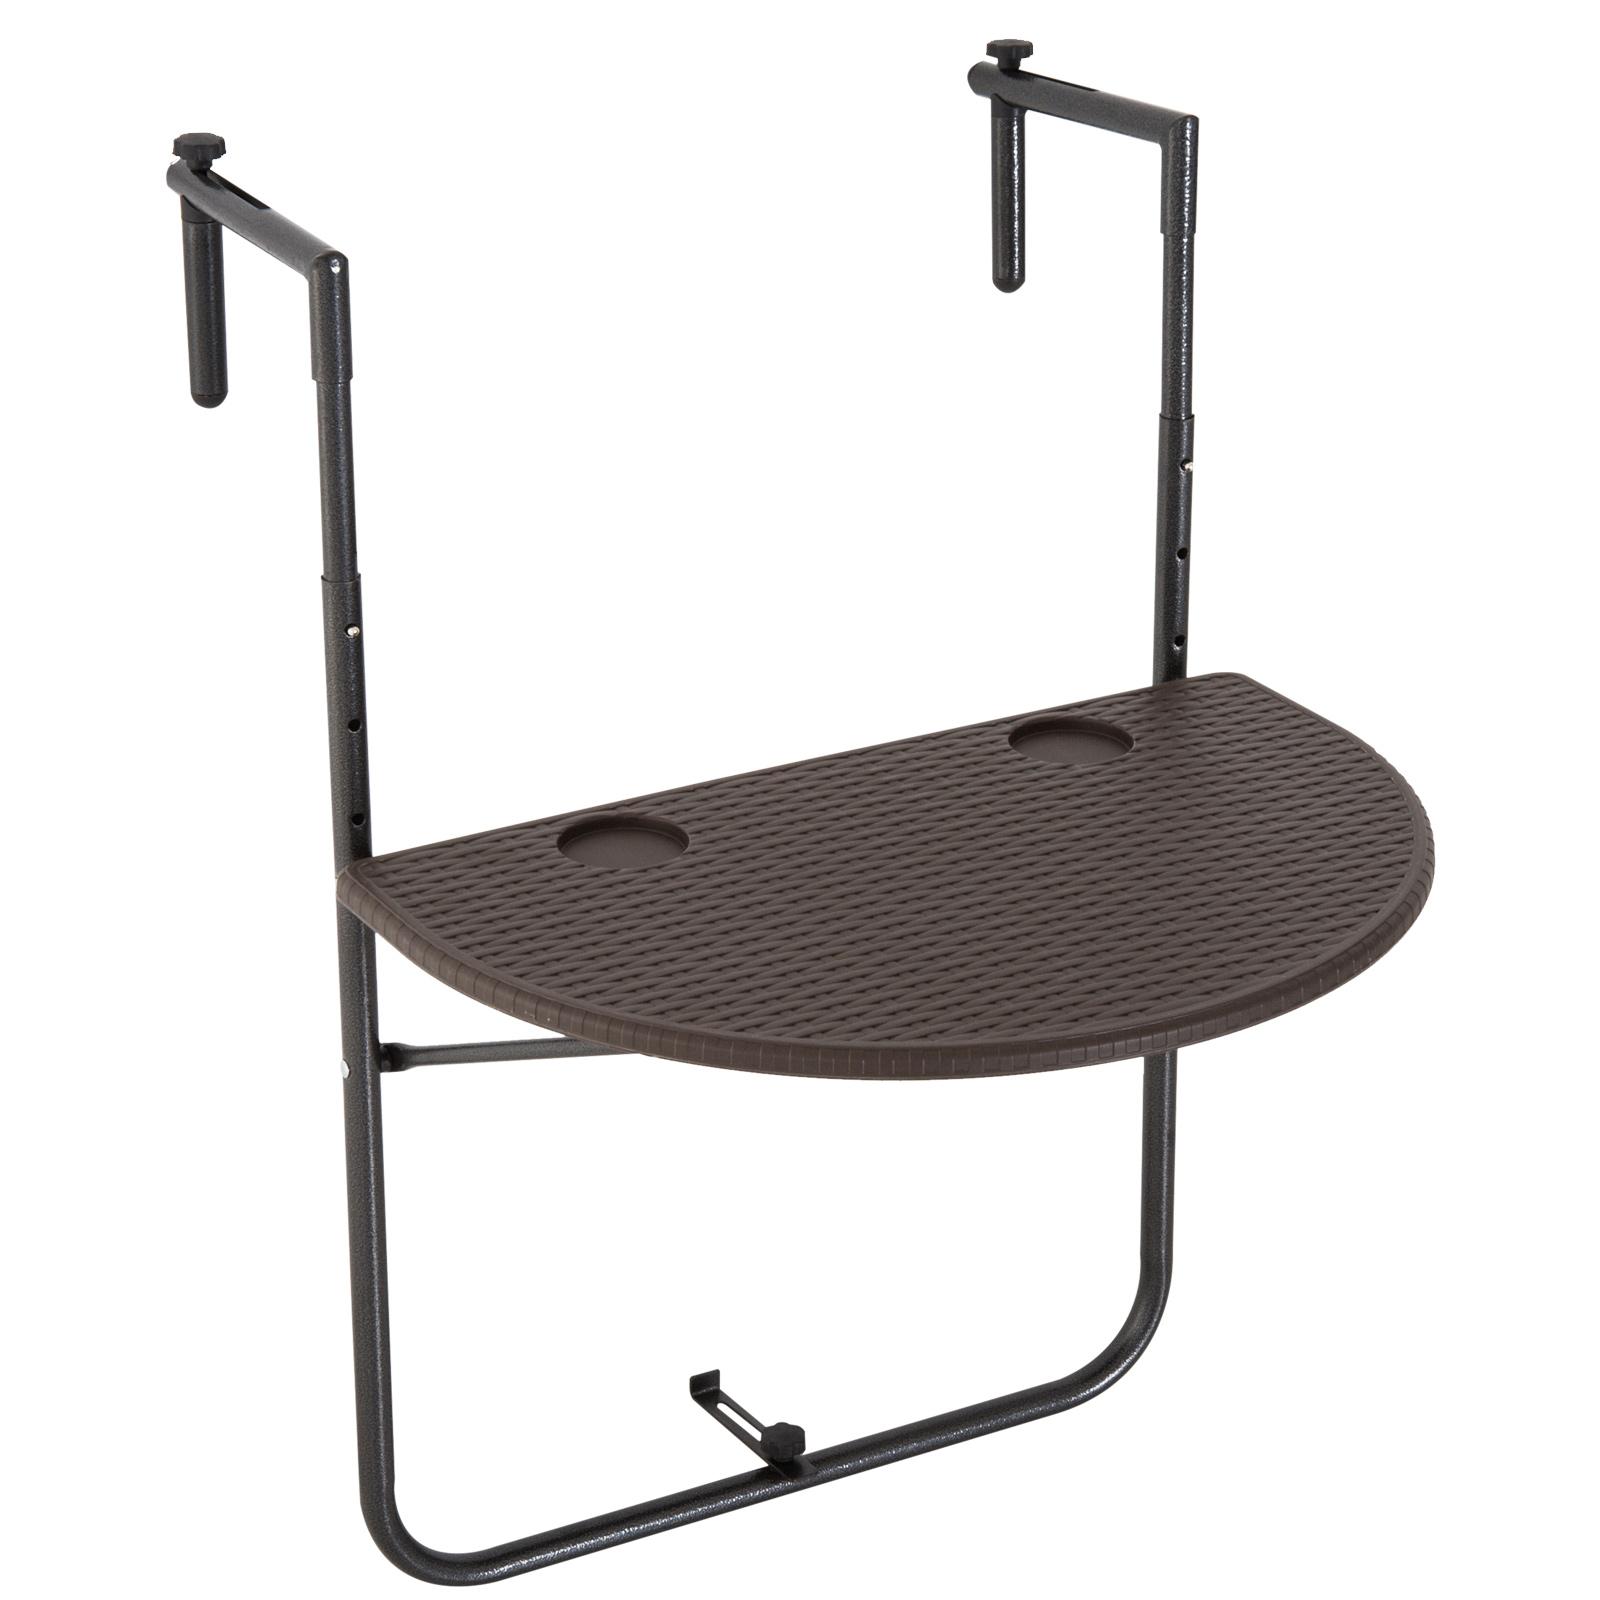 Table suspendue pliable pour balcon hauteur réglable HDPE imitation rotin chocolat